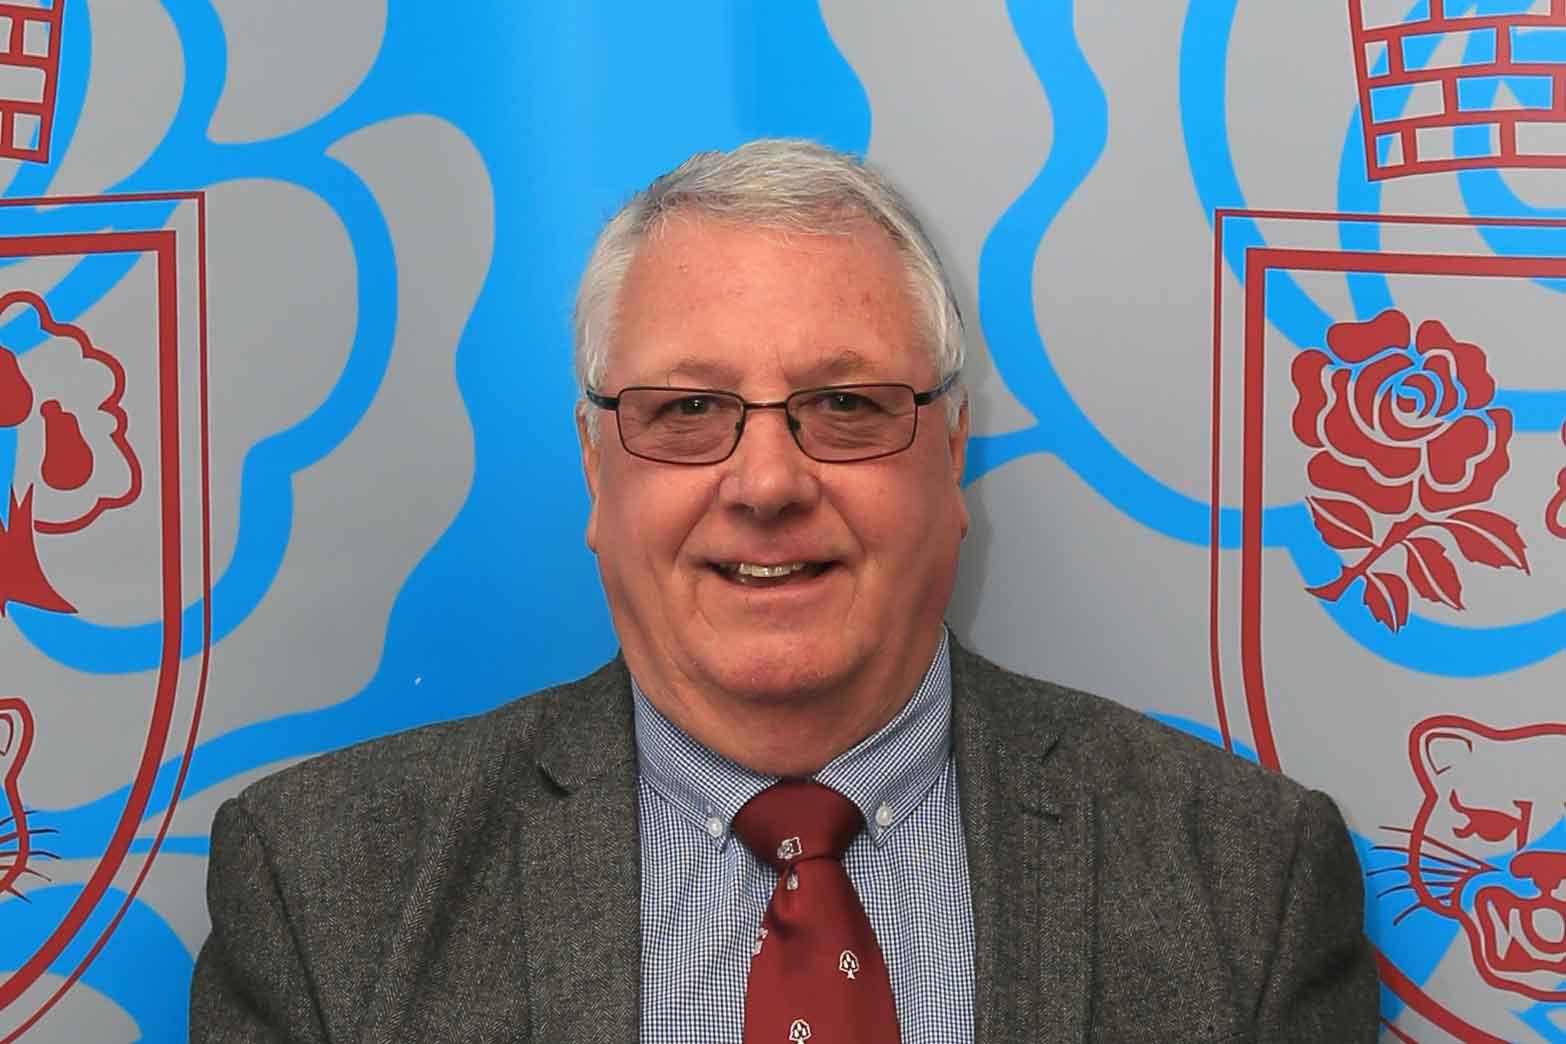 Stuart Potts, Chair of Governance